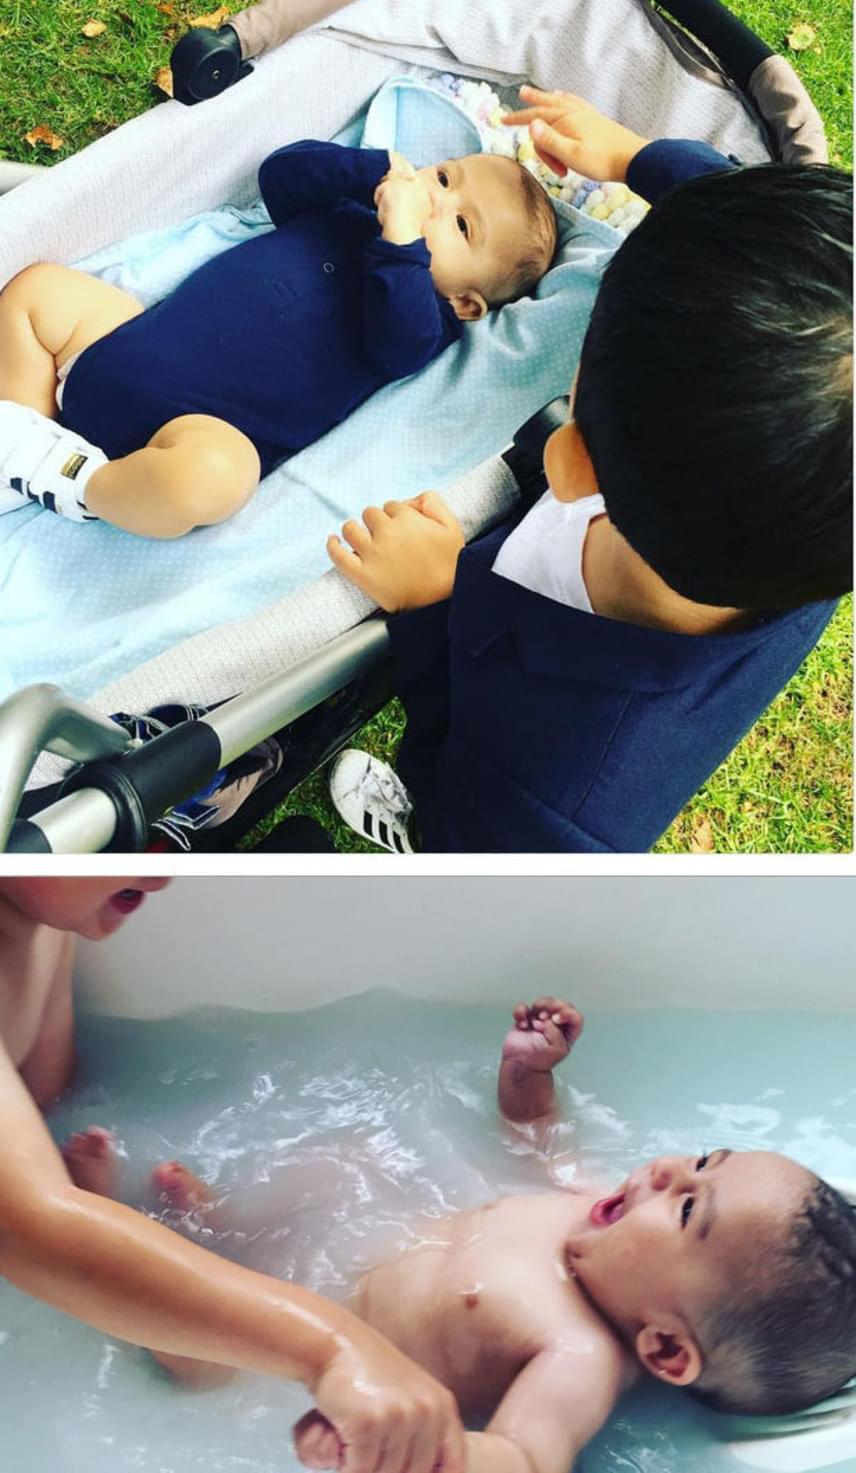 Az anyuka gyakran oszt meg képeket a fiairól, akiknek már most csodálatos a kapcsolata. A vigasztalást megörökítő fotó pedig olyannyira megérintette az embereket, hogy internetes gyűjtést indítottak a beteg baba orvosi kezelésére.